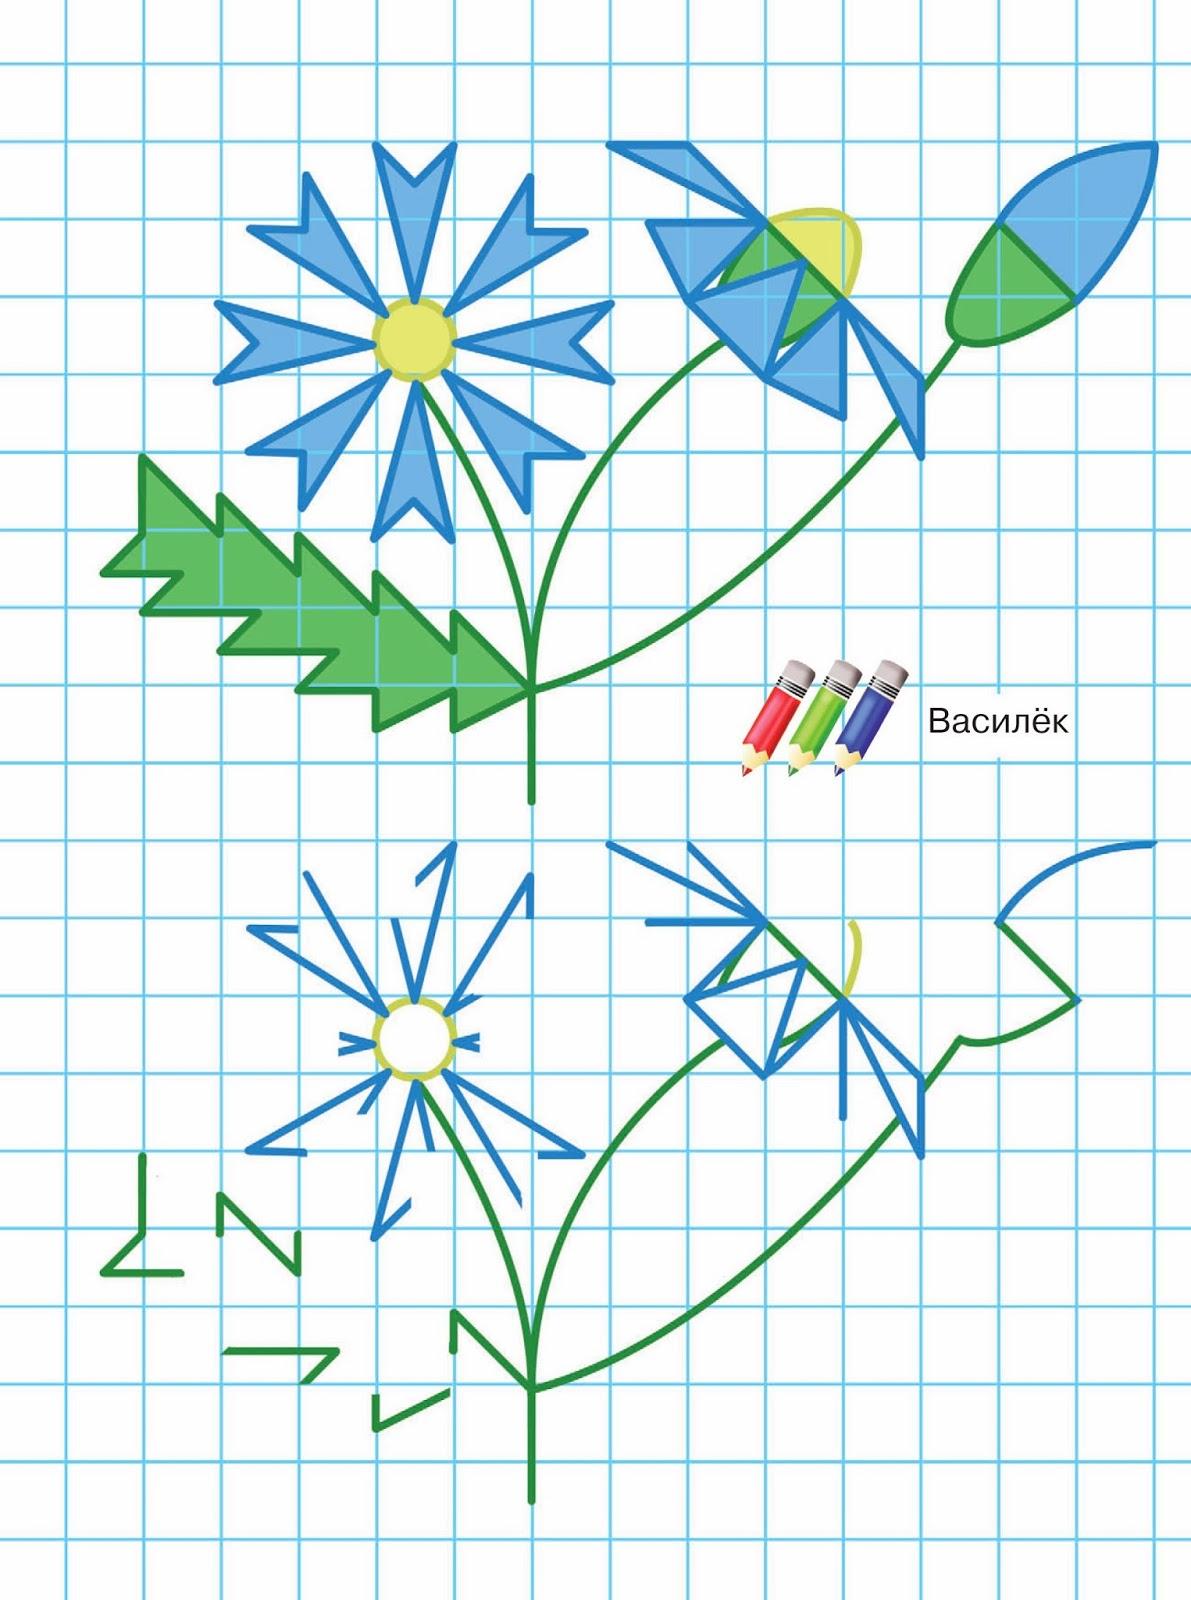 Рисунки по клеточкам Майнкрафт 31